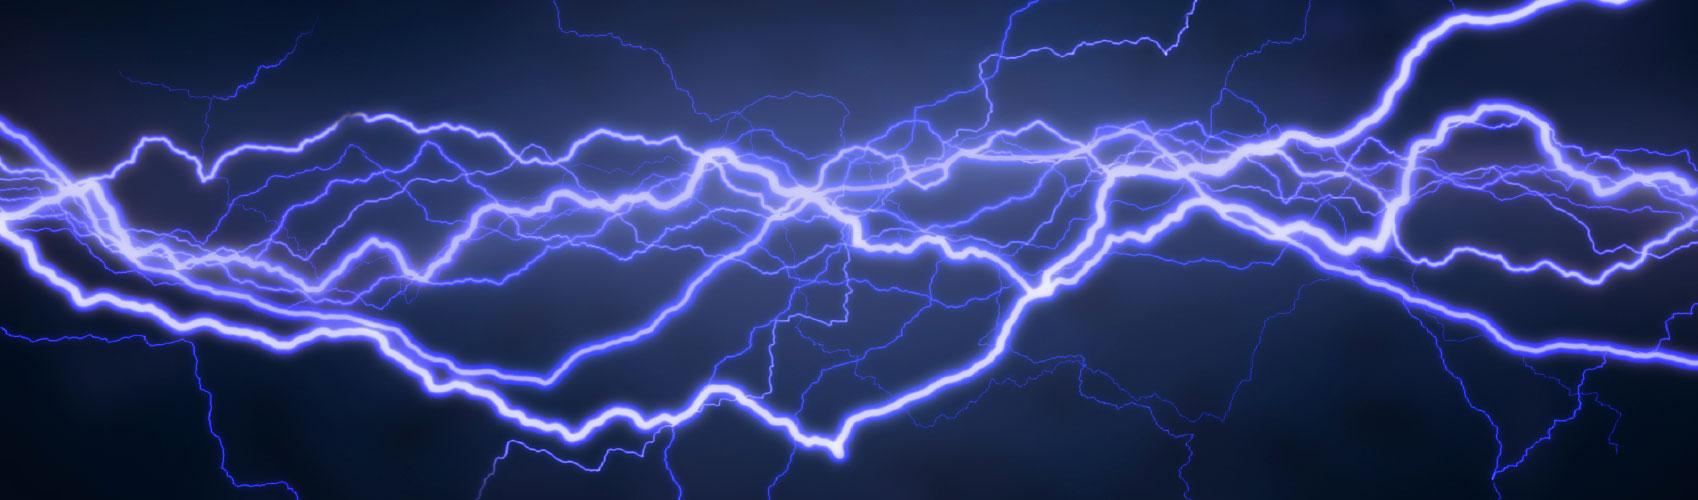 lightning-500